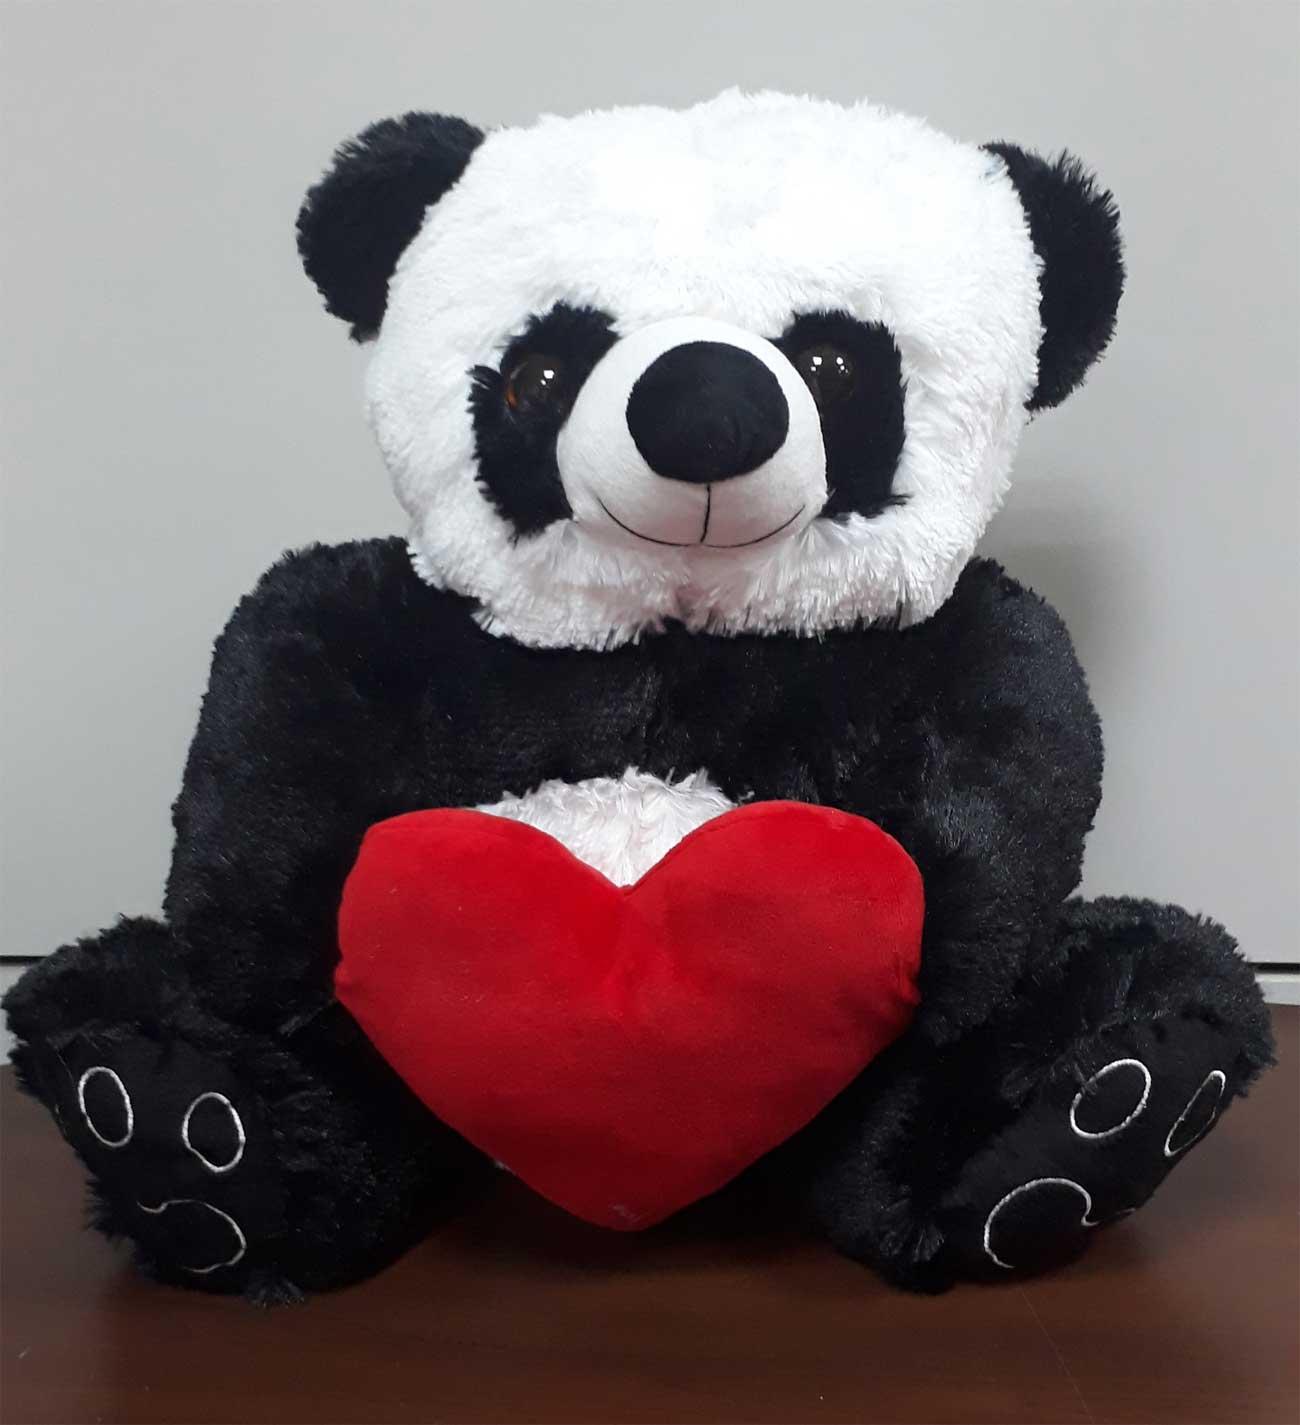 Urso de Pelúcia Panda 50cm x 42cm com Coração Romântico Ursinho presente namorada aniversário natal